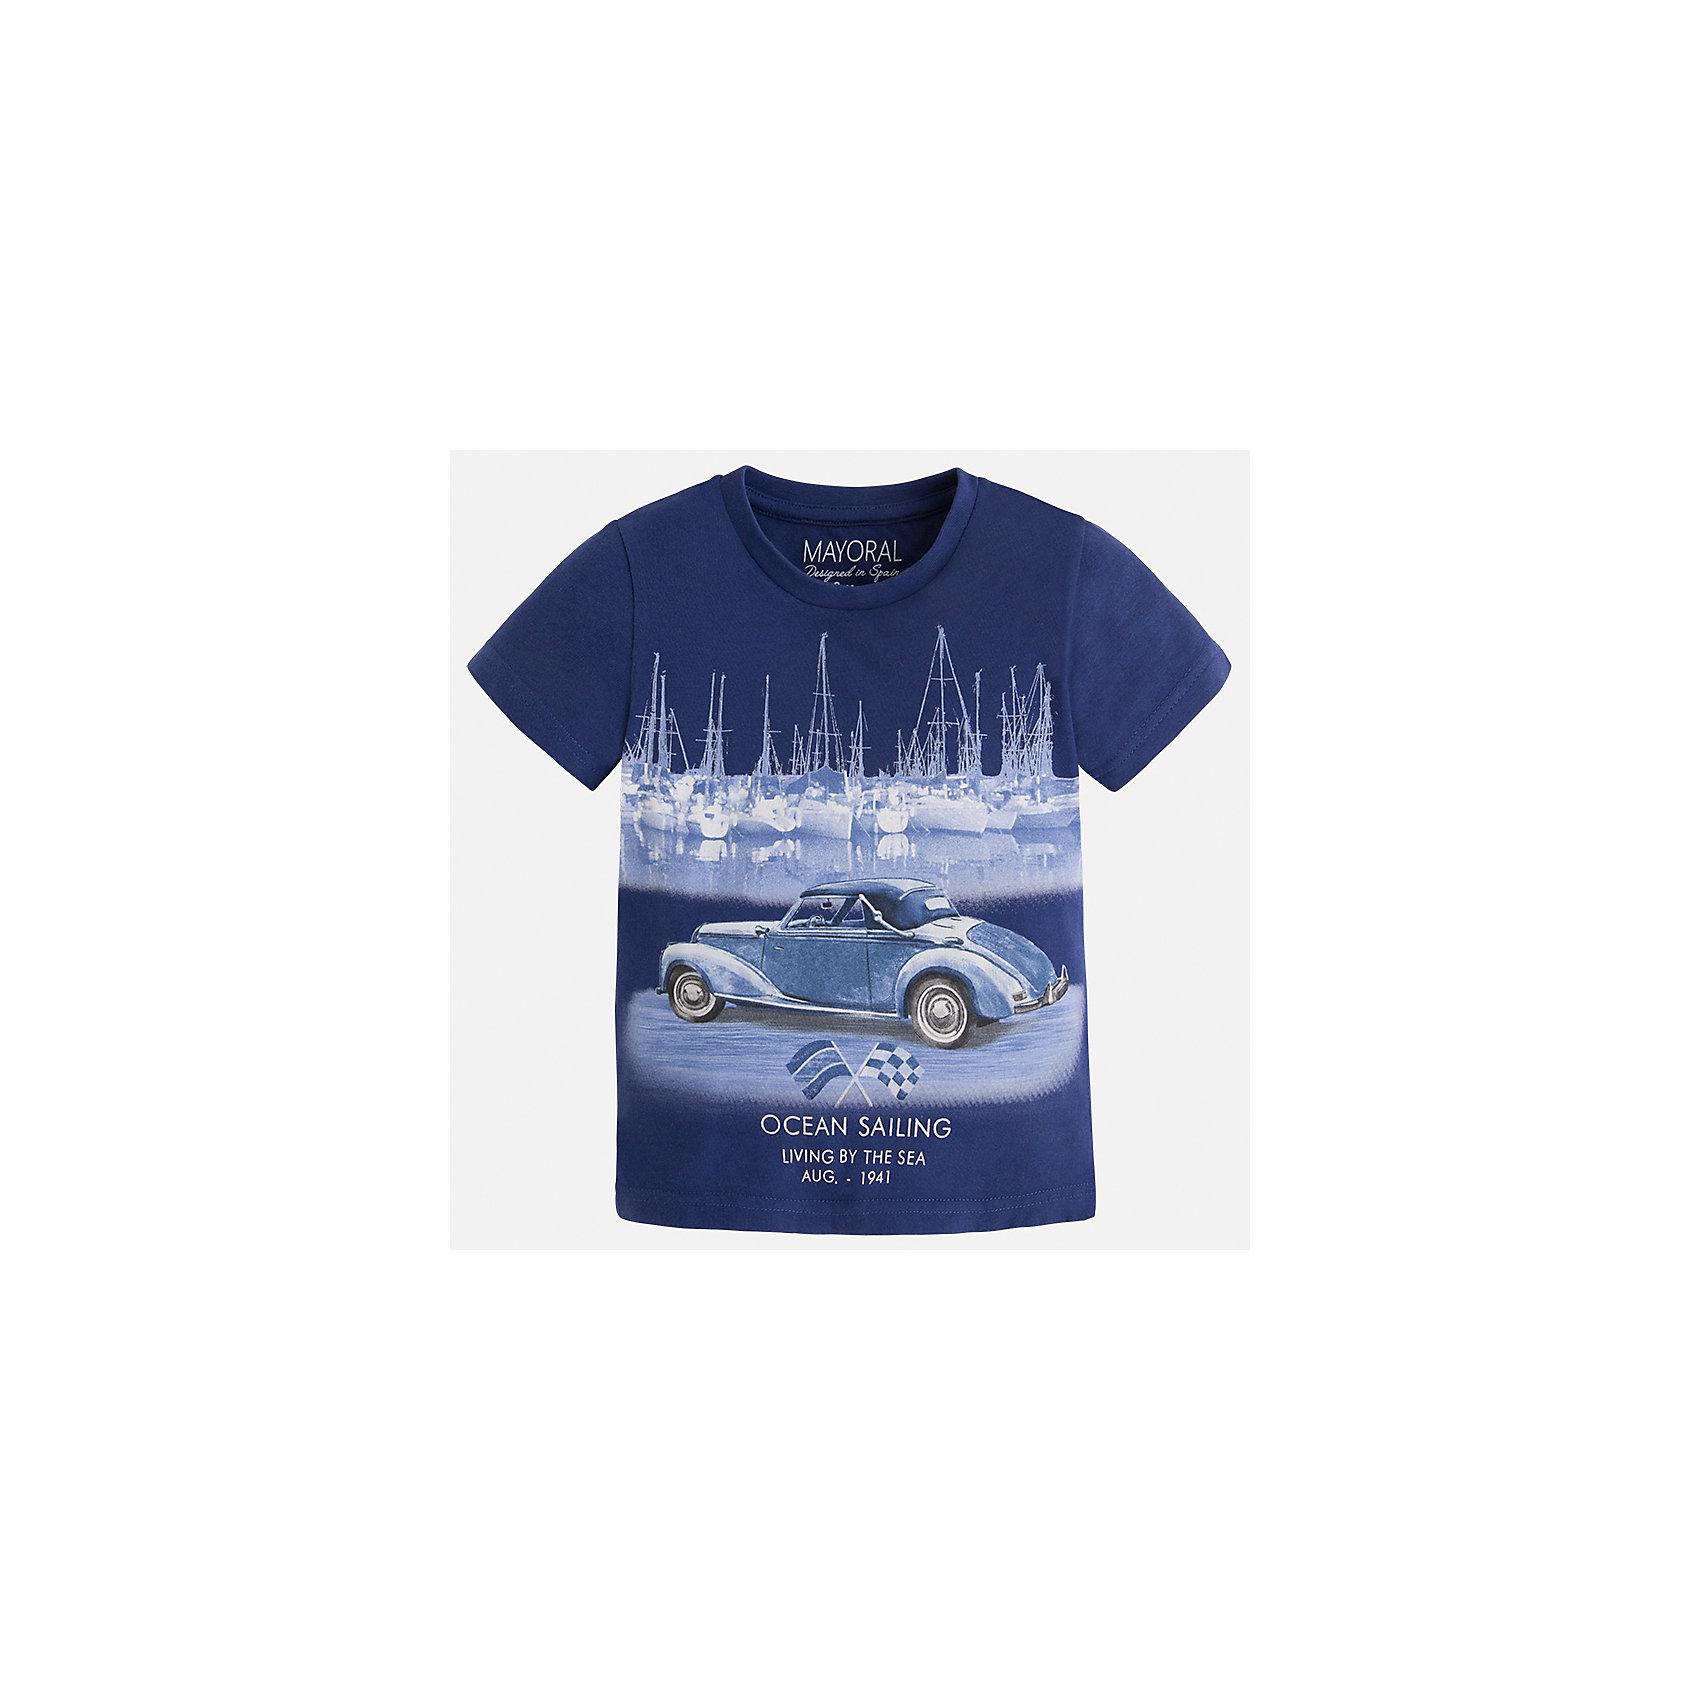 Футболка для мальчика MayoralФутболки, поло и топы<br>Характеристики товара:<br><br>• цвет: синий<br>• состав: 100% хлопок<br>• круглый горловой вырез<br>• принт впереди<br>• короткие рукава<br>• отделка горловины<br>• страна бренда: Испания<br><br>Стильная футболка с принтом поможет разнообразить гардероб мальчика. Она отлично сочетается с брюками, шортами, джинсами и т.д. Универсальный крой и цвет позволяет подобрать к вещи низ разных расцветок. Практичное и стильное изделие! В составе материала - только натуральный хлопок, гипоаллергенный, приятный на ощупь, дышащий.<br><br>Одежда, обувь и аксессуары от испанского бренда Mayoral полюбились детям и взрослым по всему миру. Модели этой марки - стильные и удобные. Для их производства используются только безопасные, качественные материалы и фурнитура. Порадуйте ребенка модными и красивыми вещами от Mayoral! <br><br>Футболку для мальчика от испанского бренда Mayoral (Майорал) можно купить в нашем интернет-магазине.<br><br>Ширина мм: 199<br>Глубина мм: 10<br>Высота мм: 161<br>Вес г: 151<br>Цвет: черный<br>Возраст от месяцев: 18<br>Возраст до месяцев: 24<br>Пол: Мужской<br>Возраст: Детский<br>Размер: 92,128,134,122,116,110,104,98<br>SKU: 5279764